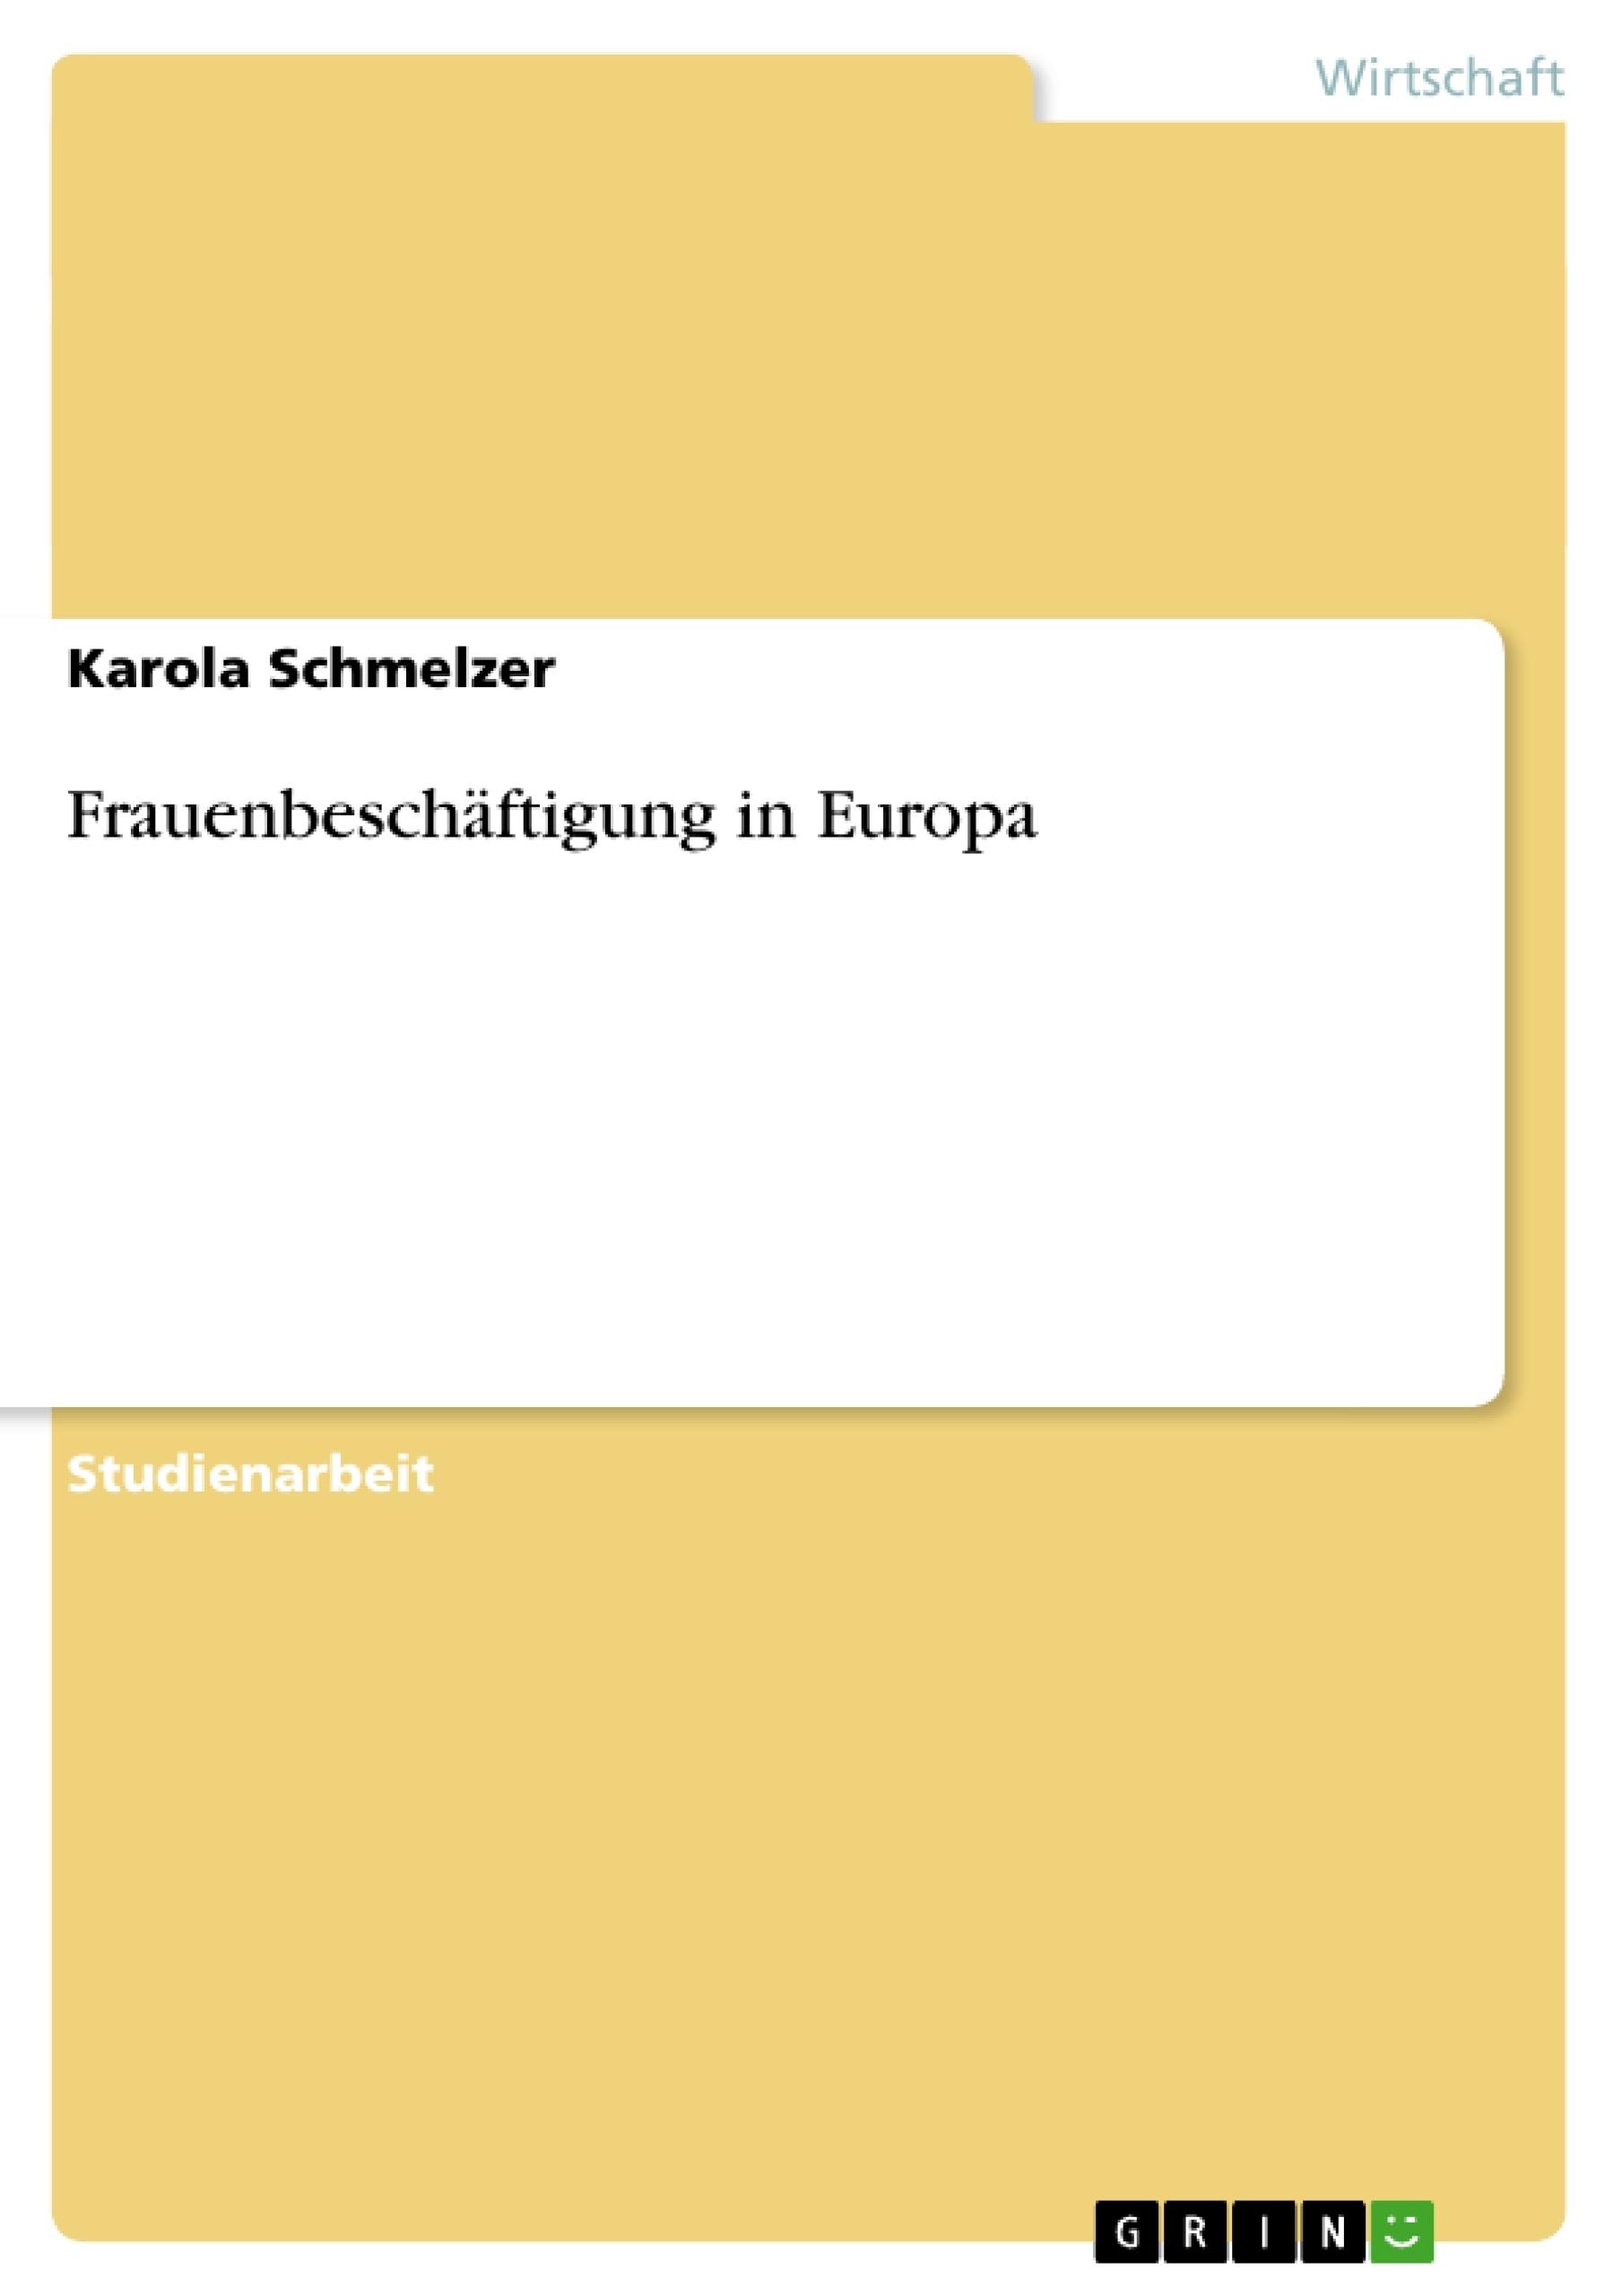 Titel: Frauenbeschäftigung in Europa